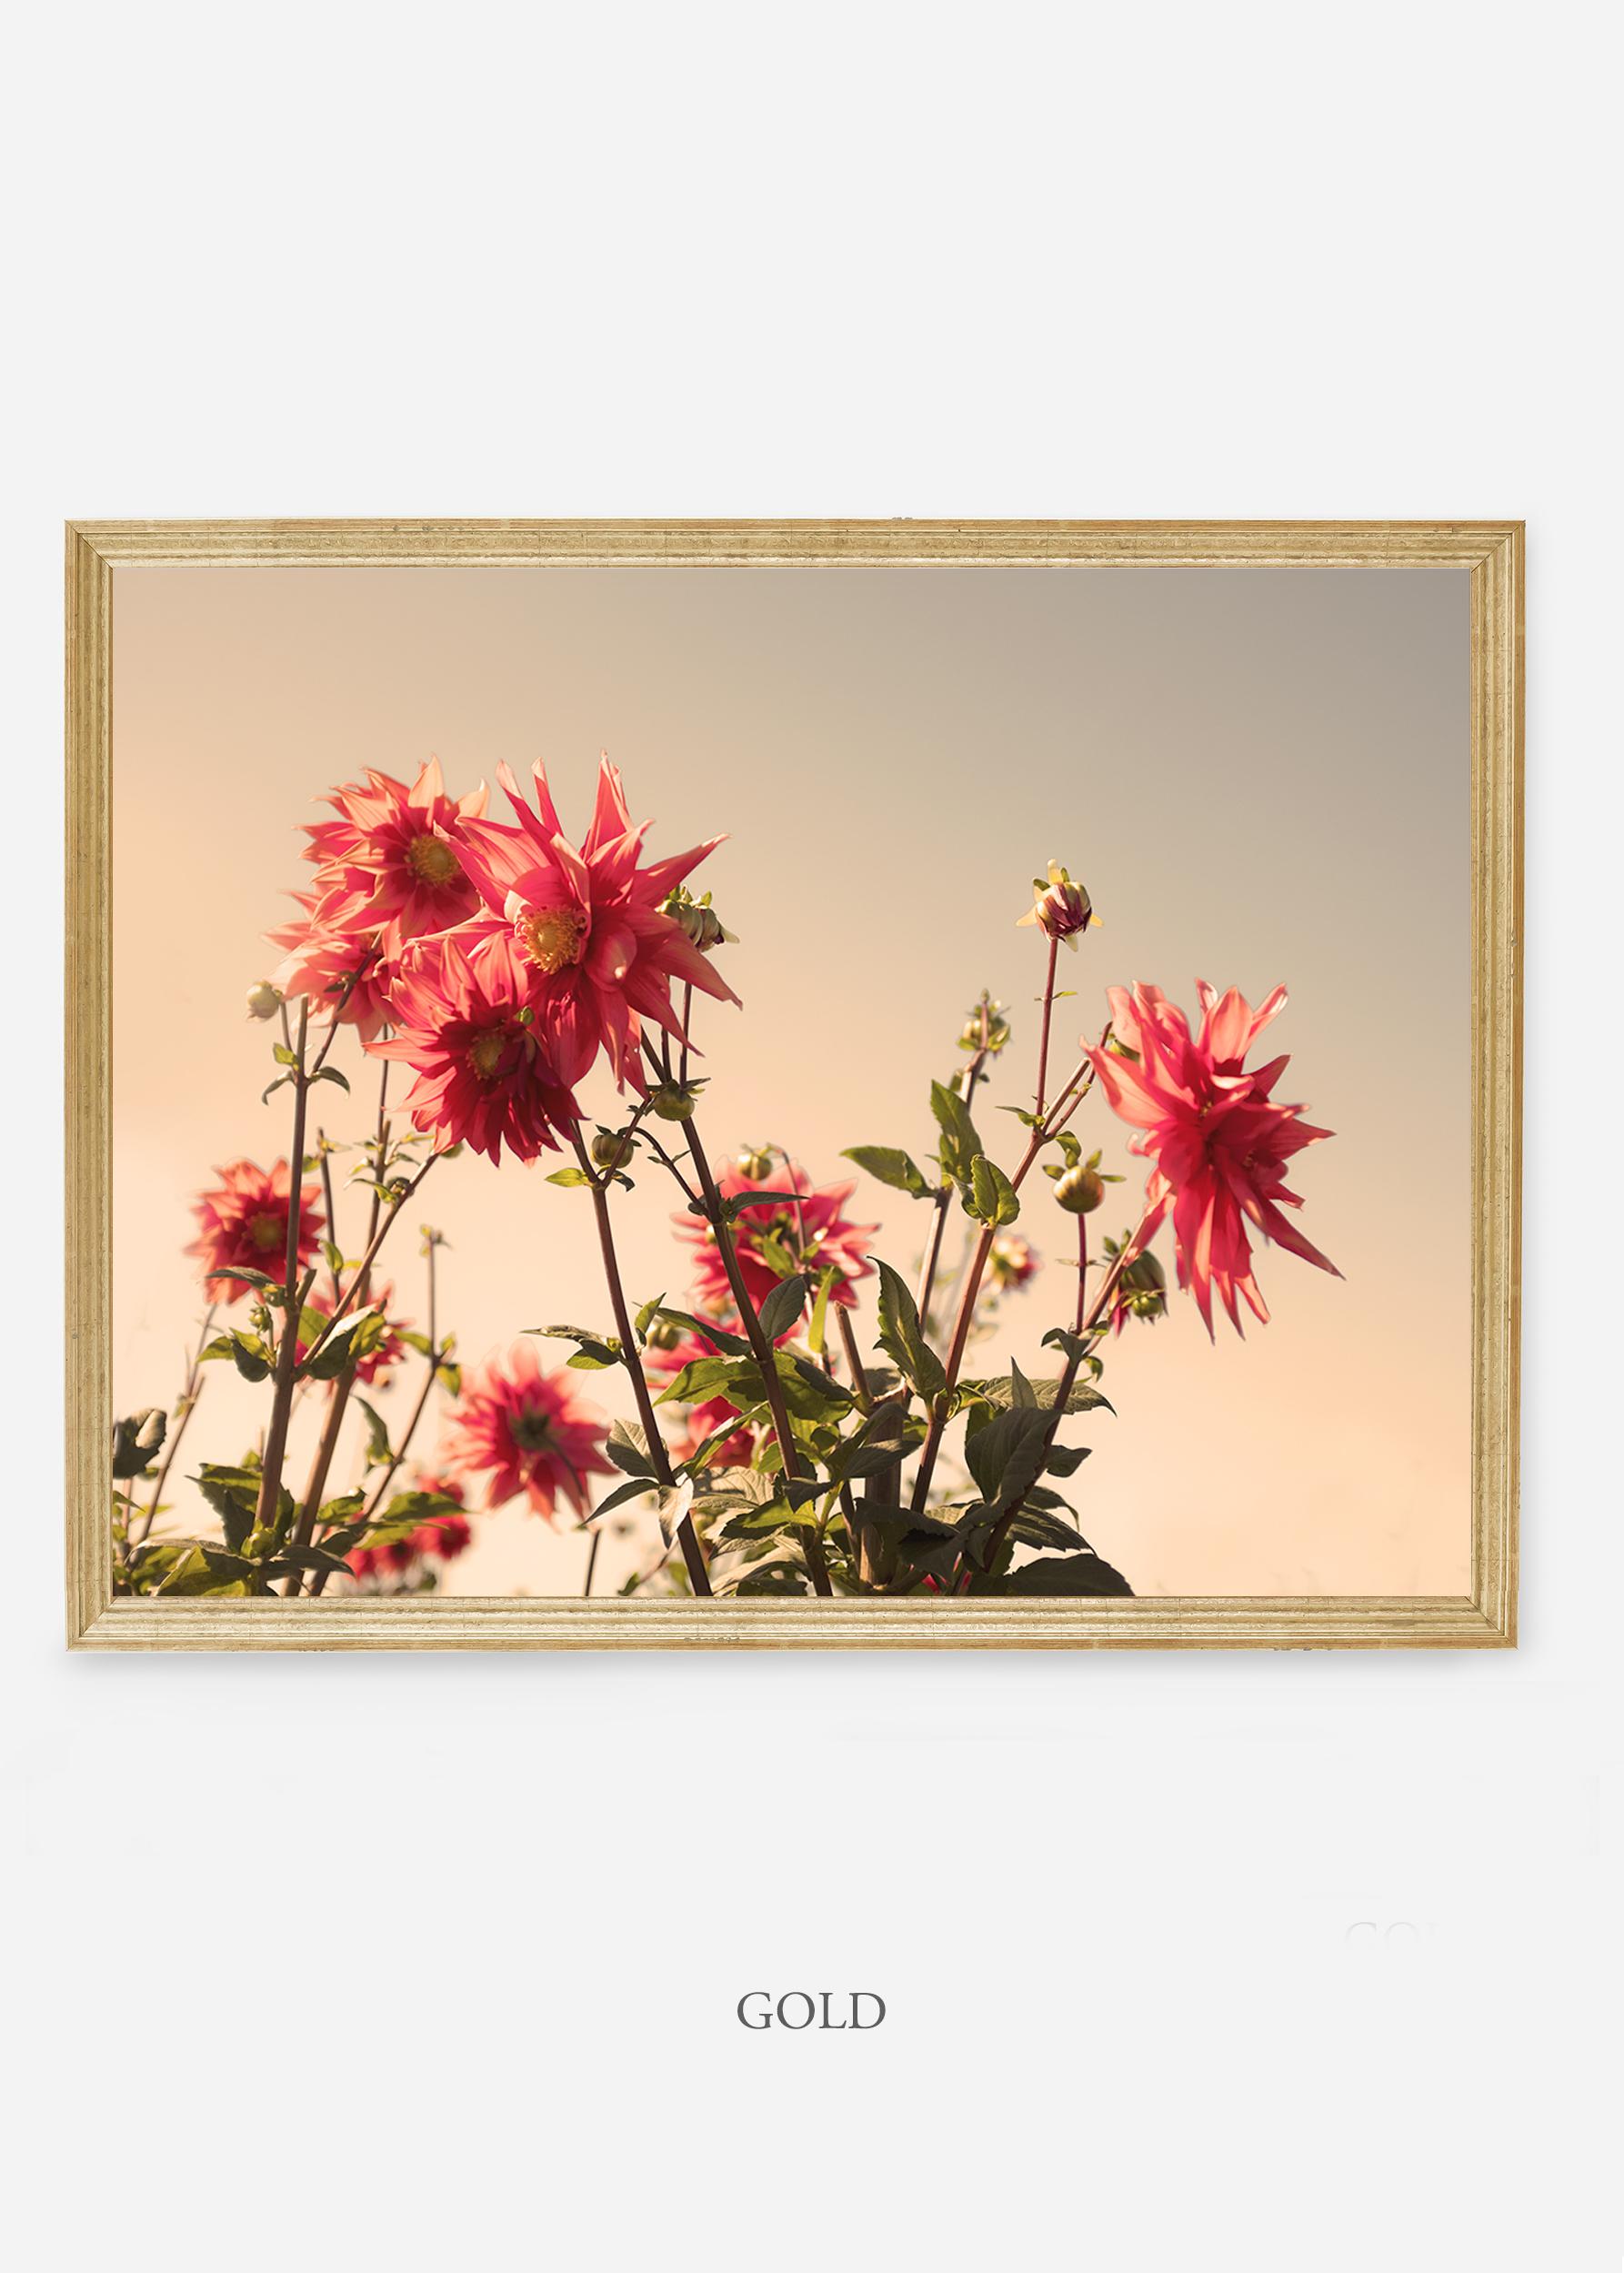 NoMat-Gold-Frame-DahliaNo.9-Wilder-California-Art-Floral-Home-decor-Prints-Dahlia-Botanical-Artwork-Interior-design.jpg